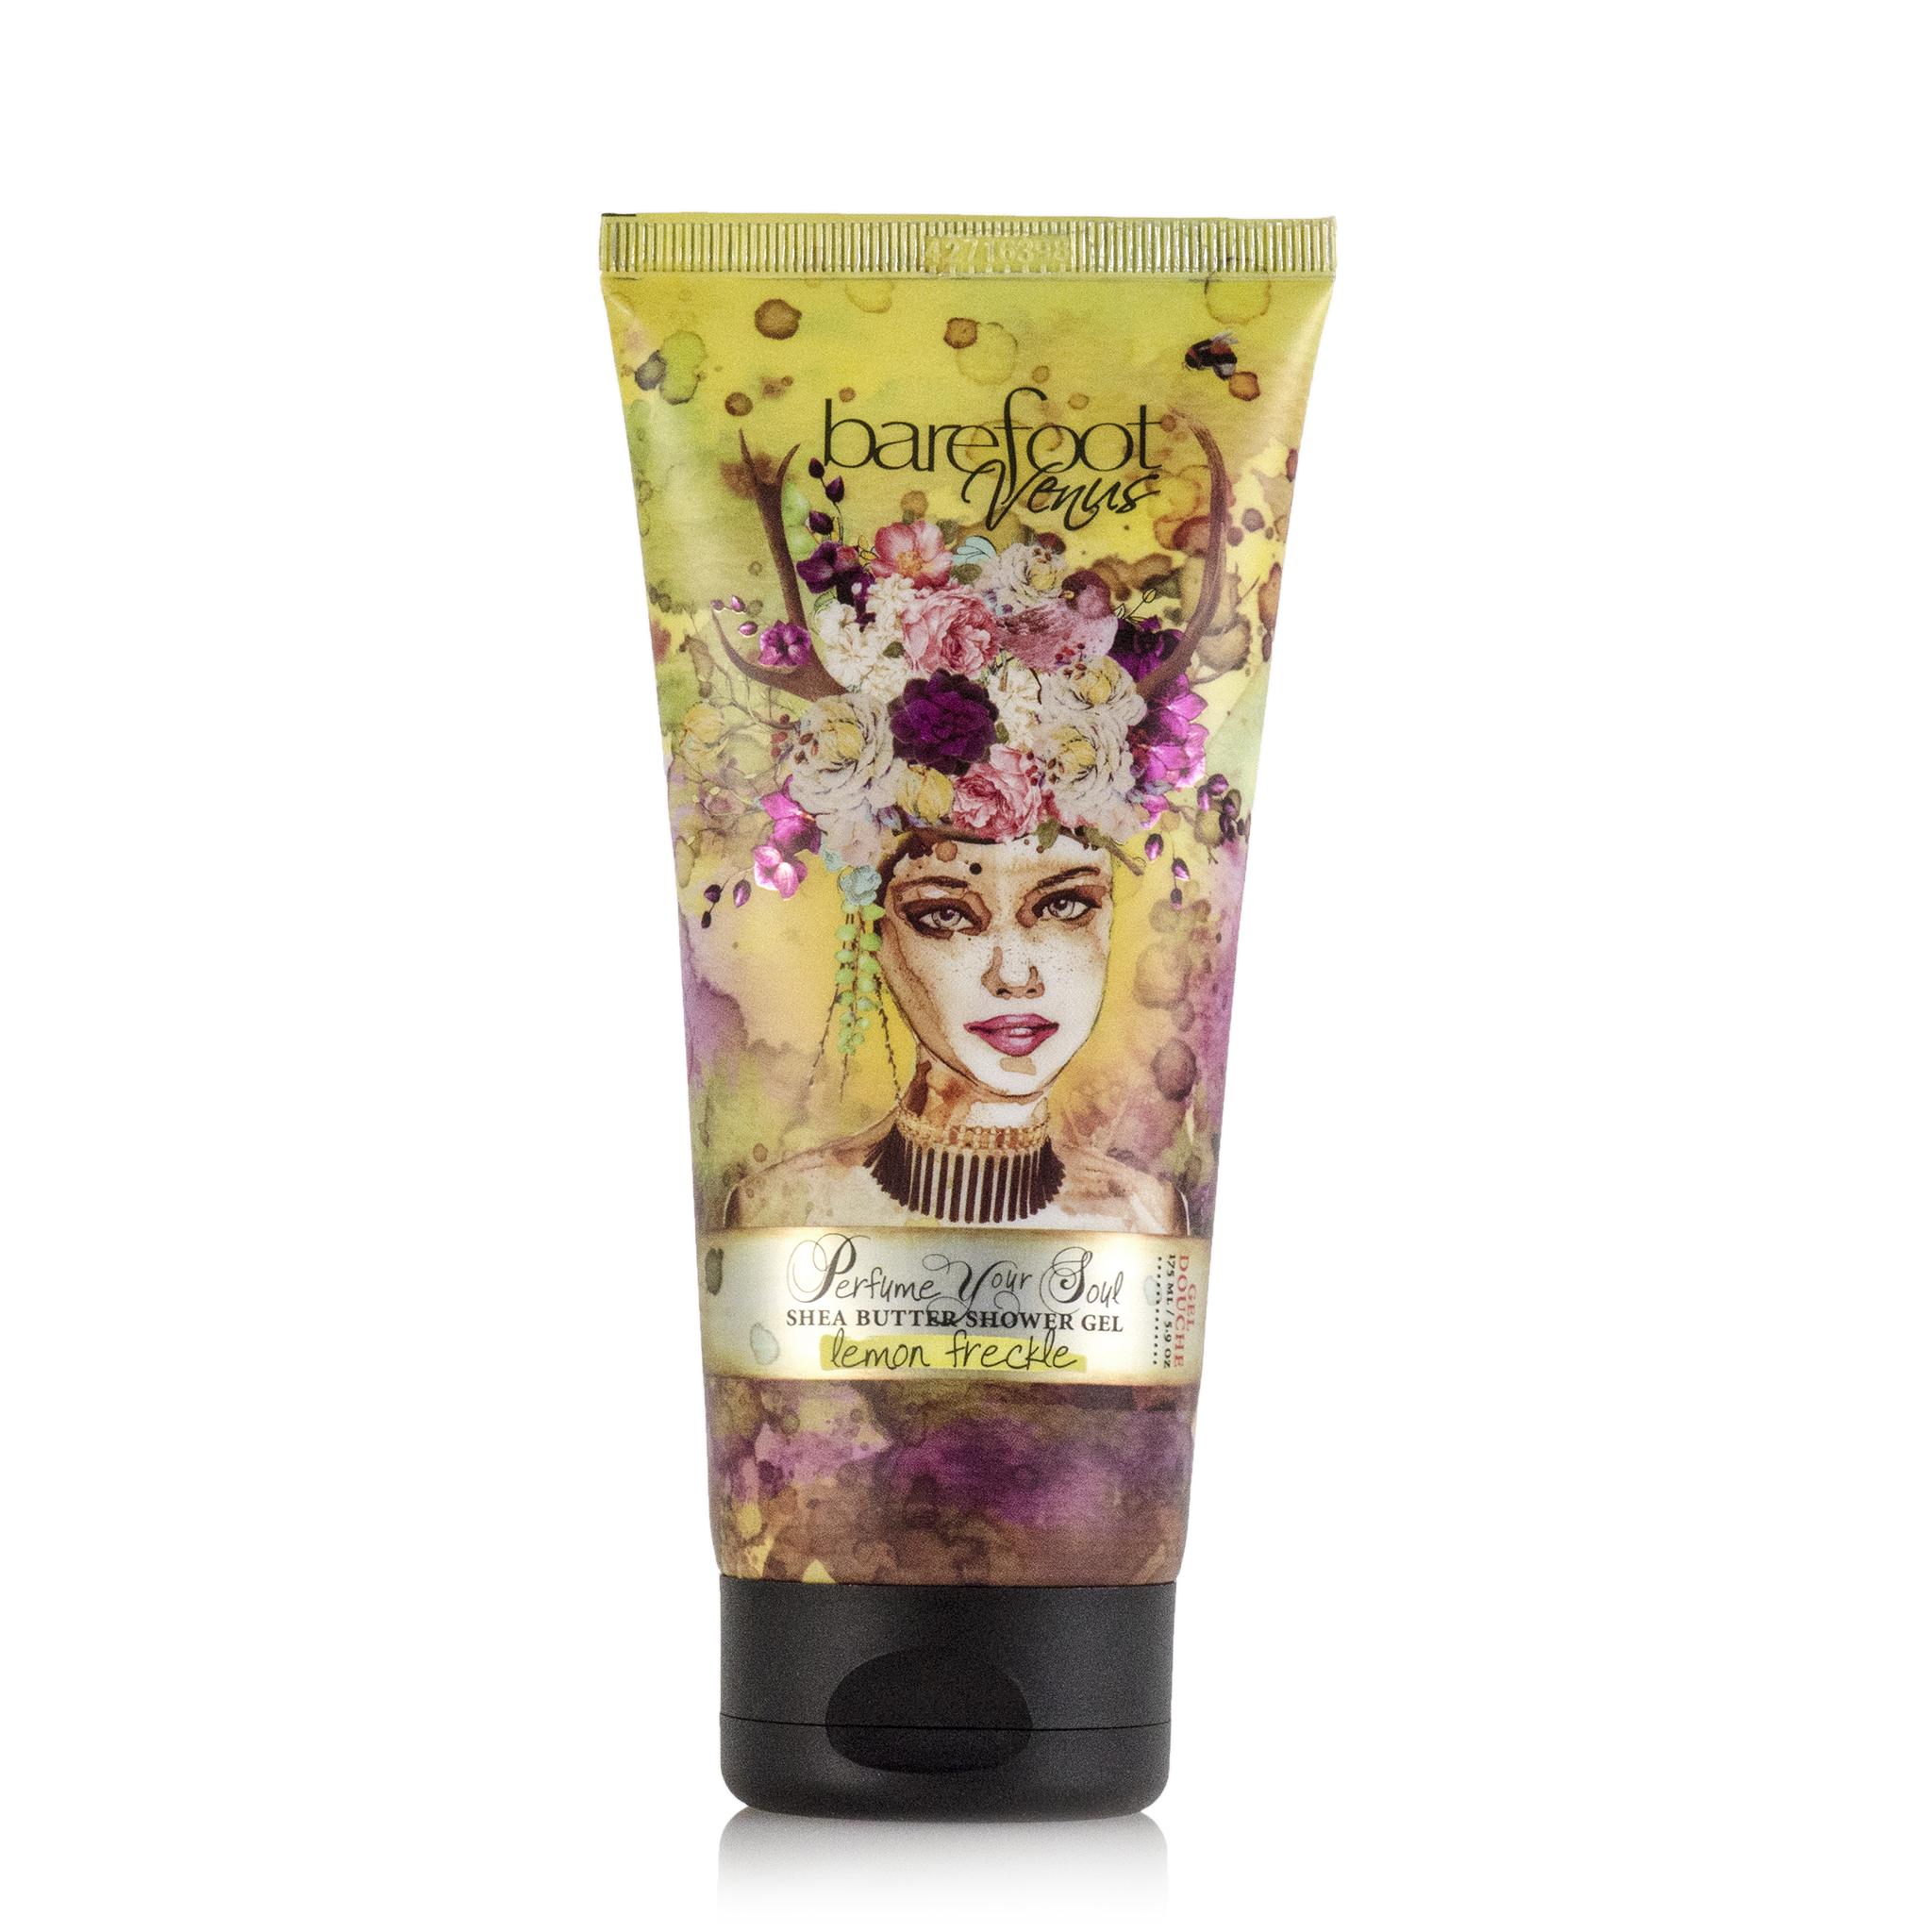 Barefoot Venus Lemon Freckle Shower gel